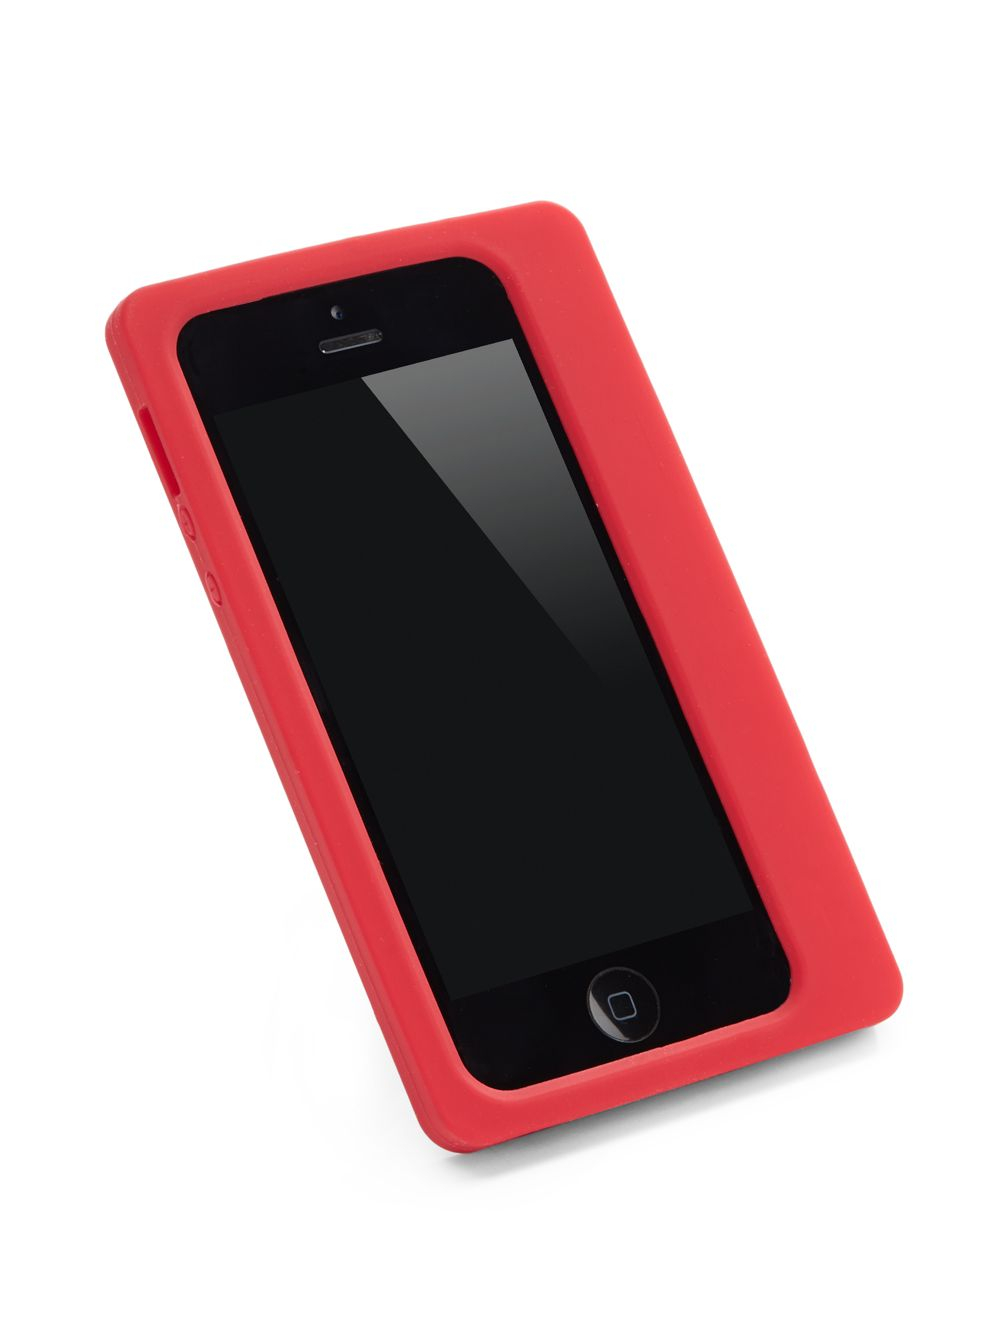 Mezclar Cinta Iphone 5 Caso De Marc Jacobs 6JGq1VPWDM